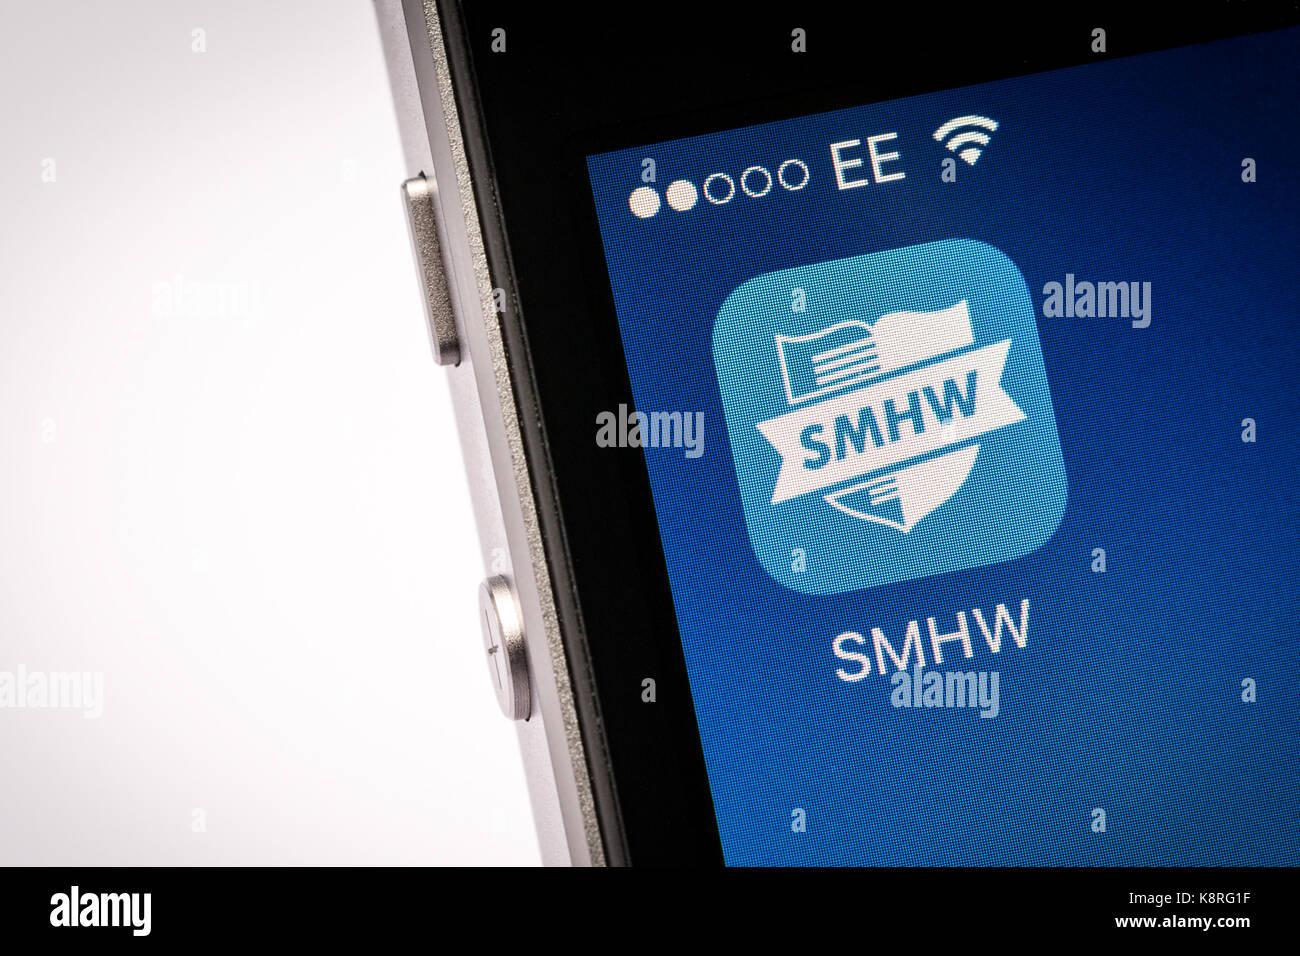 SMHW montrer mon travail à domicile app sur un iPhone téléphone mobile Photo Stock